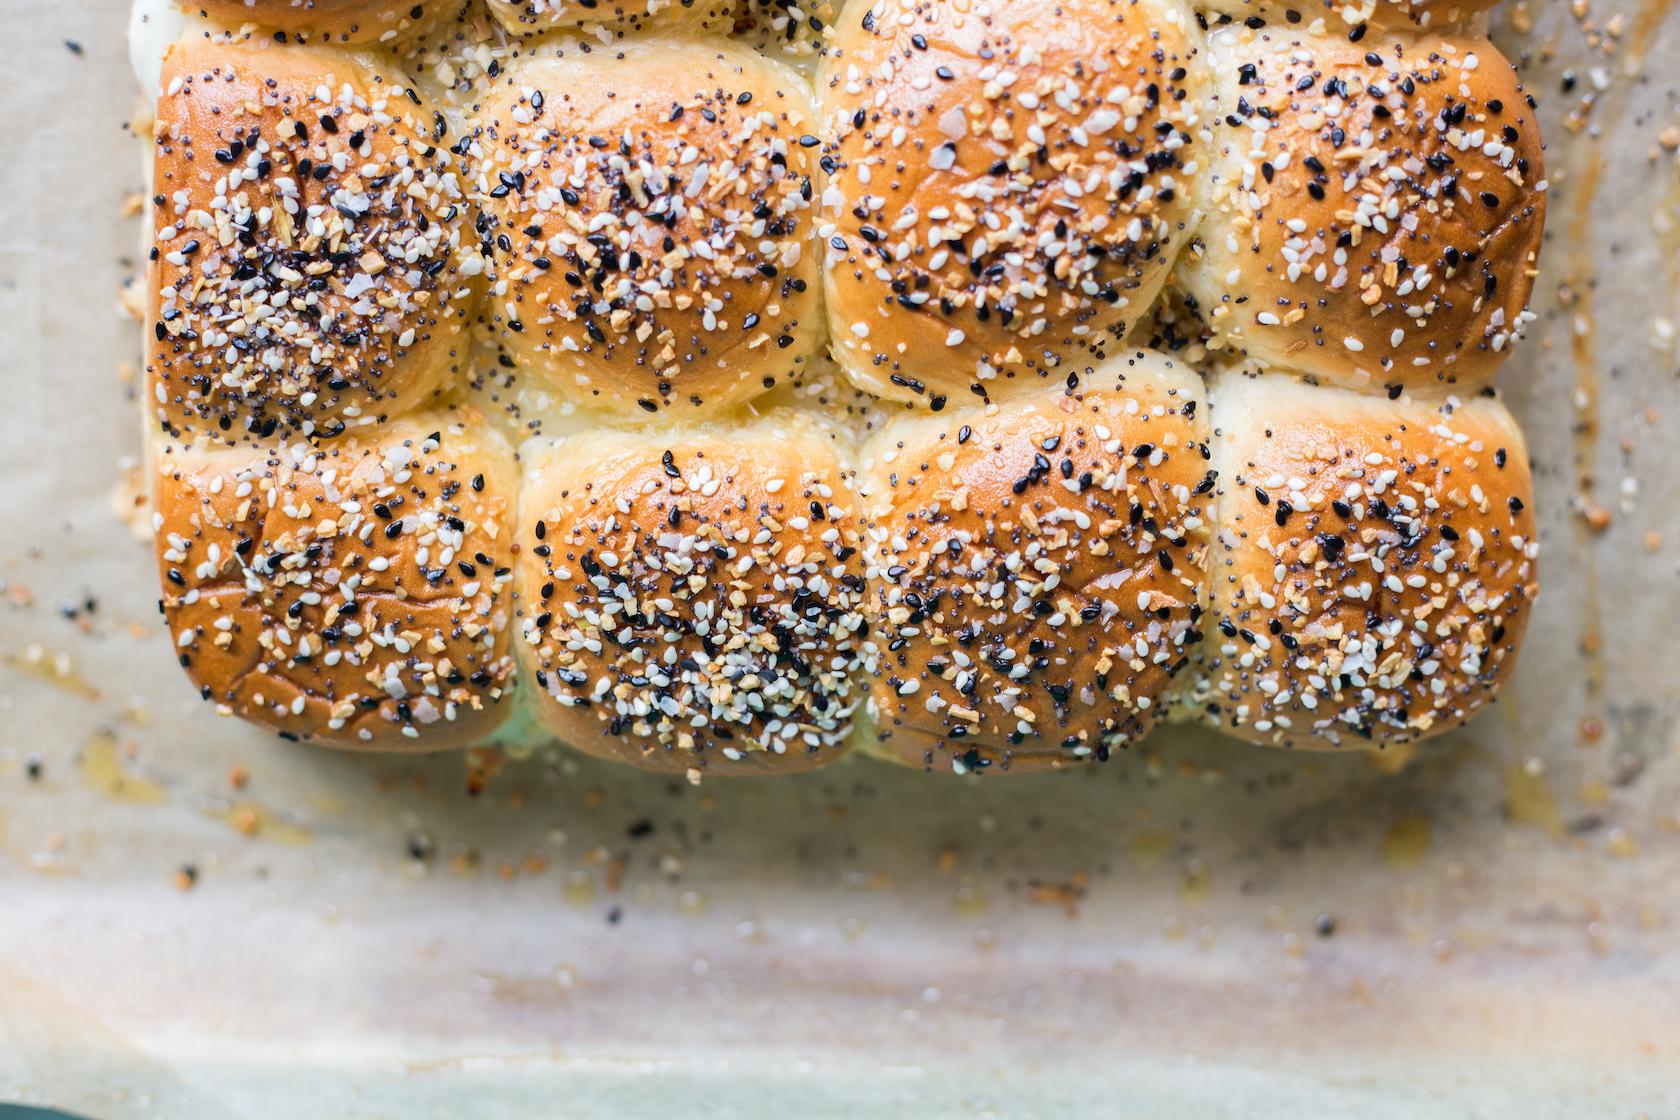 turkey sliders with everything bagel seasoning